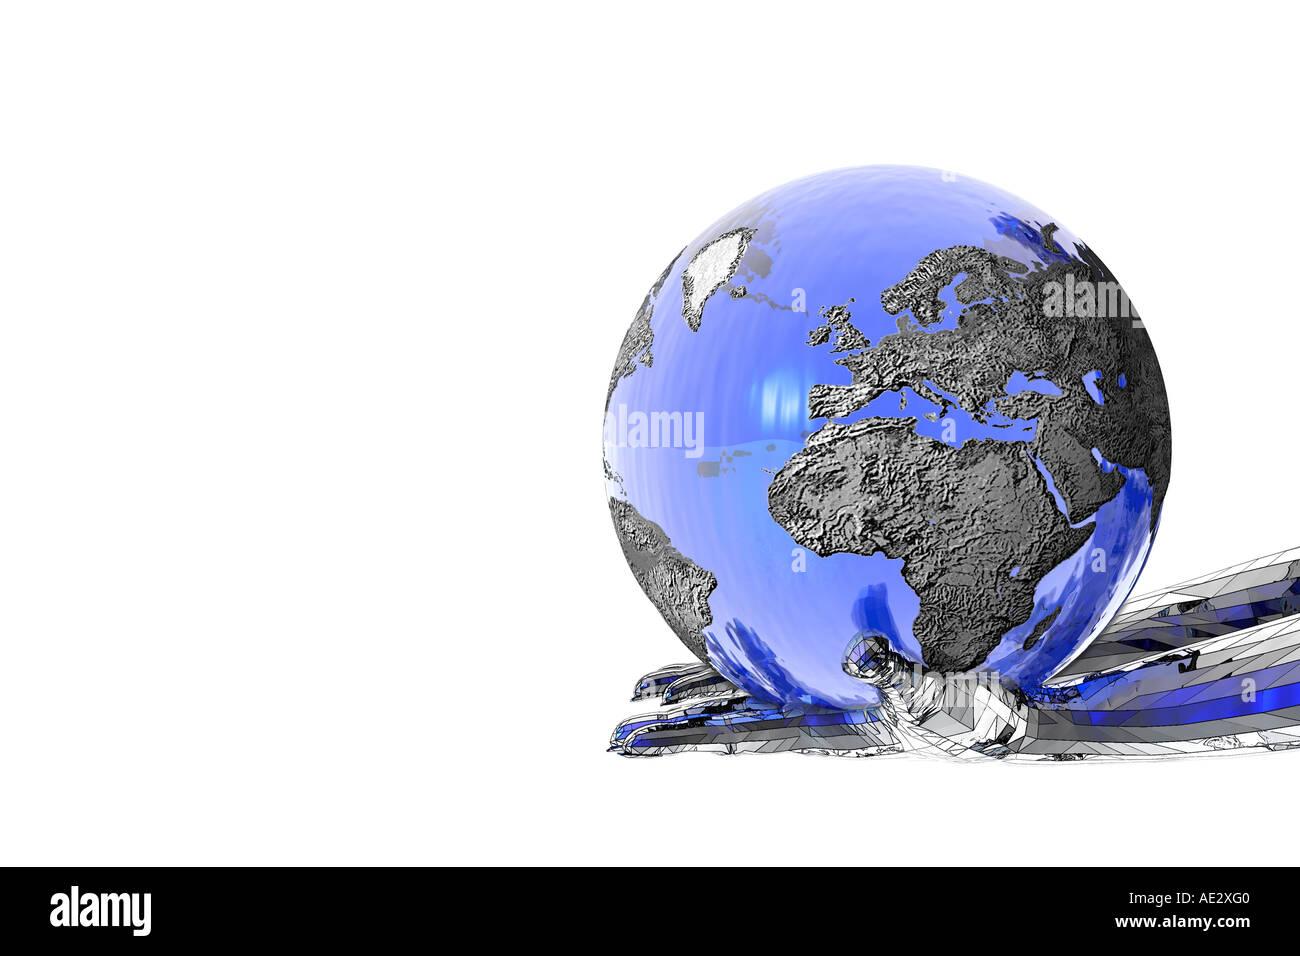 Großartig Half Wire Globus Clipart Ideen - Elektrische Schaltplan ...